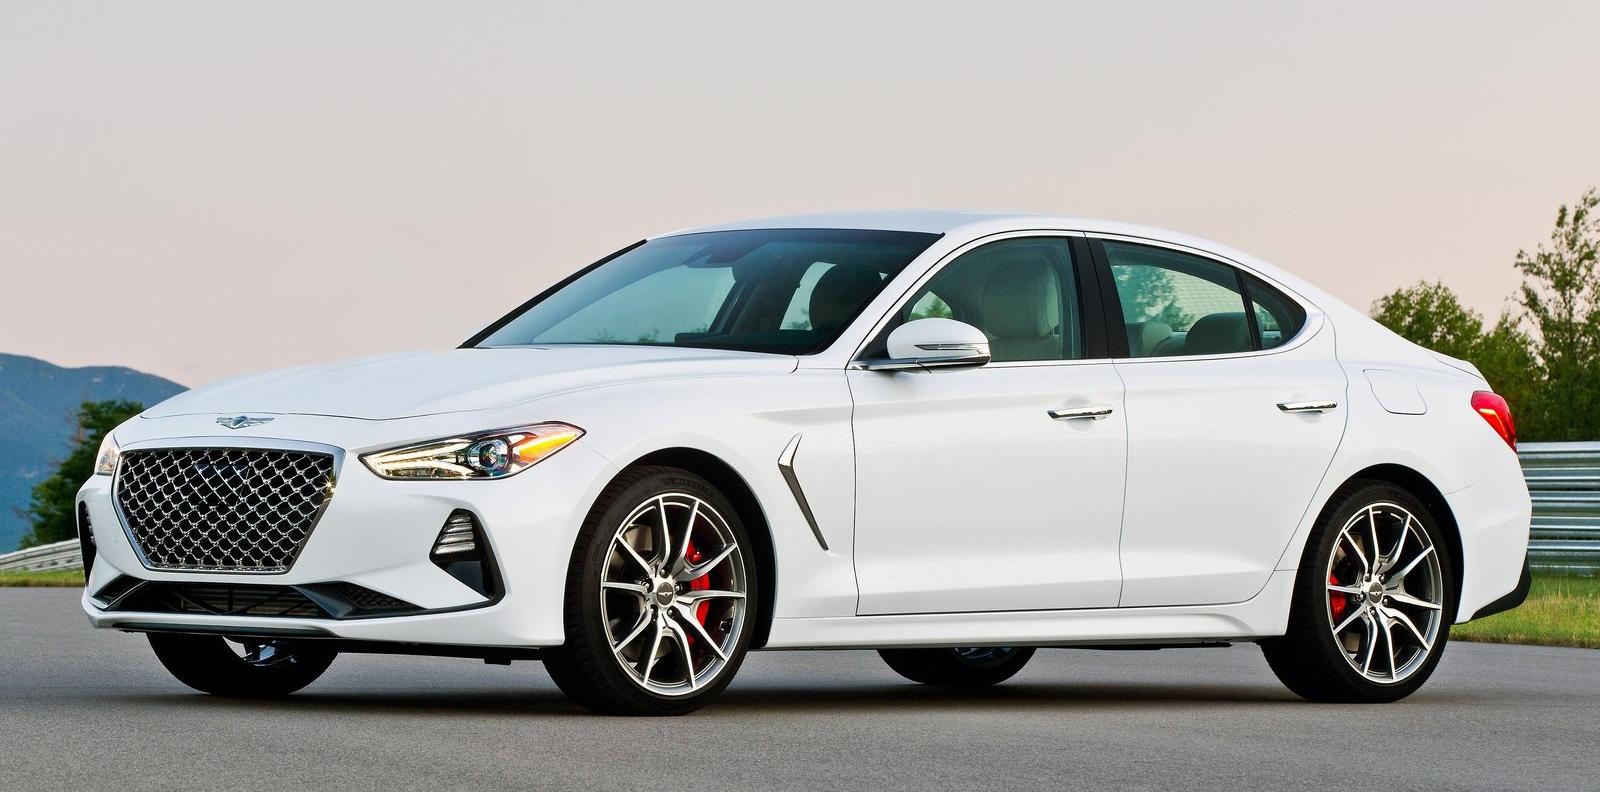 El G70 es el modelo más pequeño. Rivalizaría con un BMW Serie 3